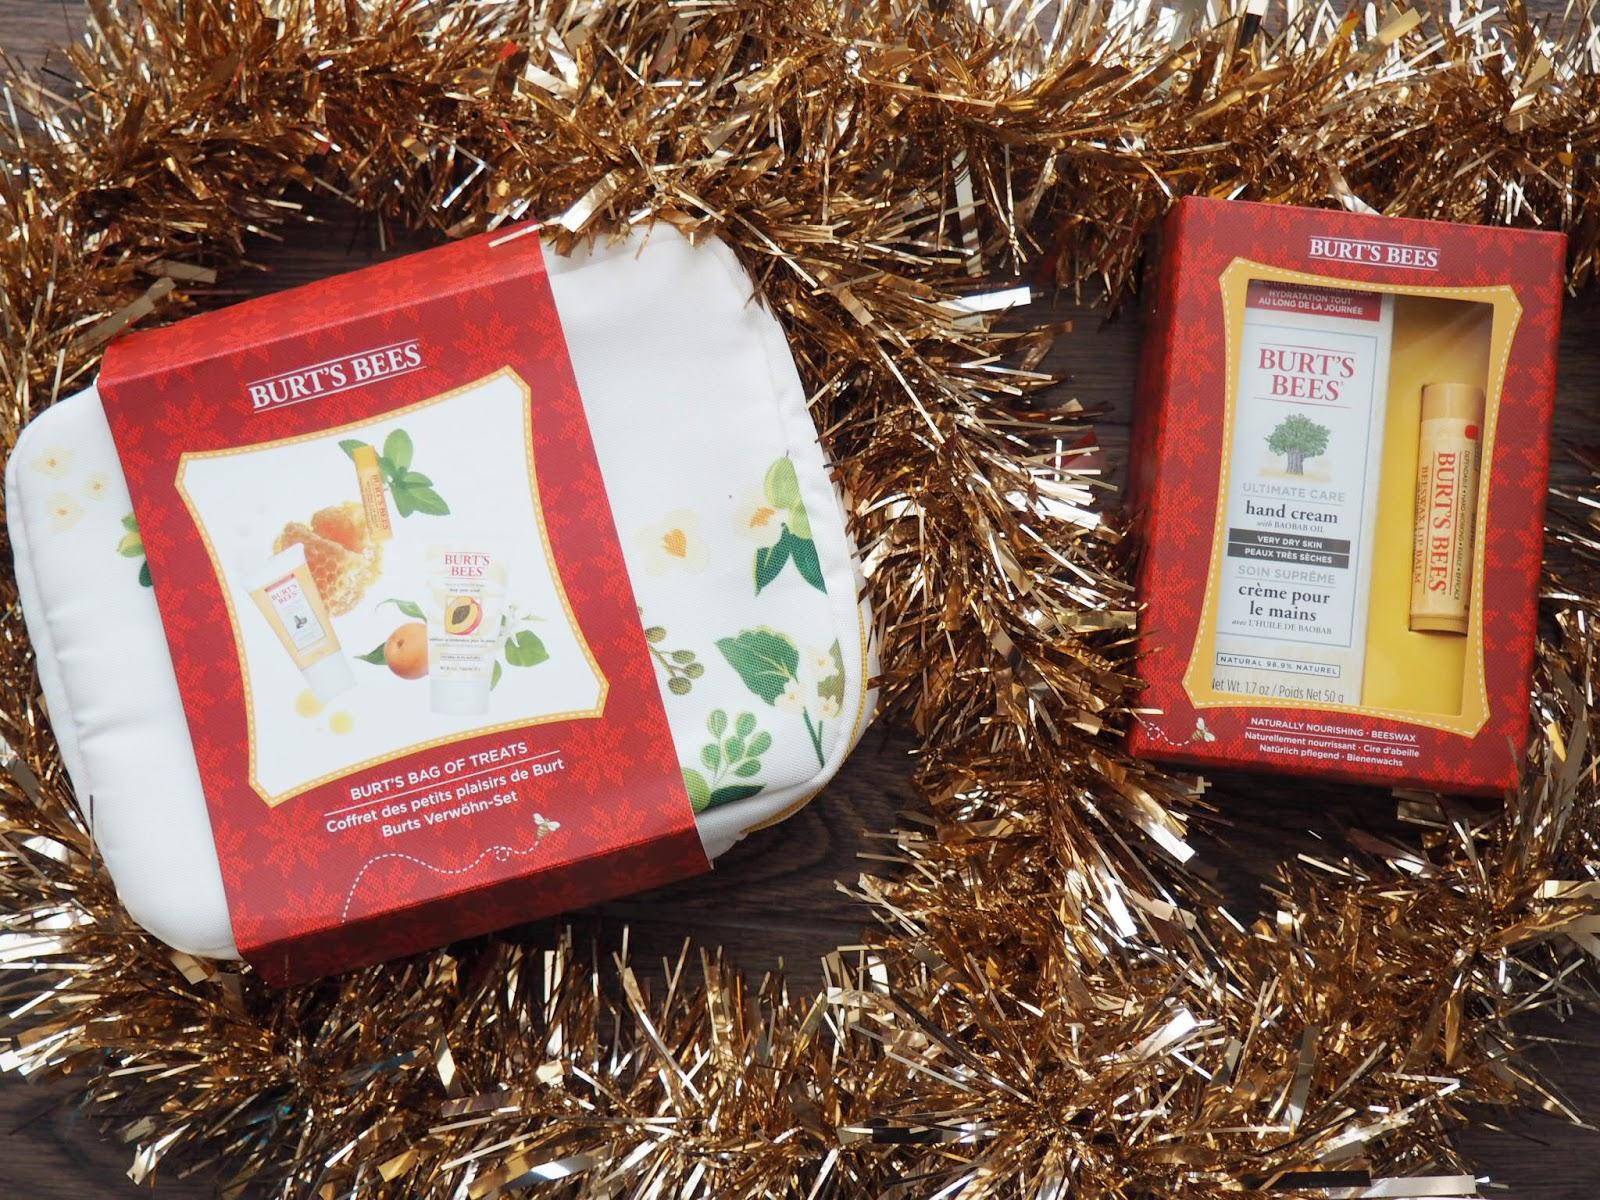 Burts Bees Christmas gifts 2016